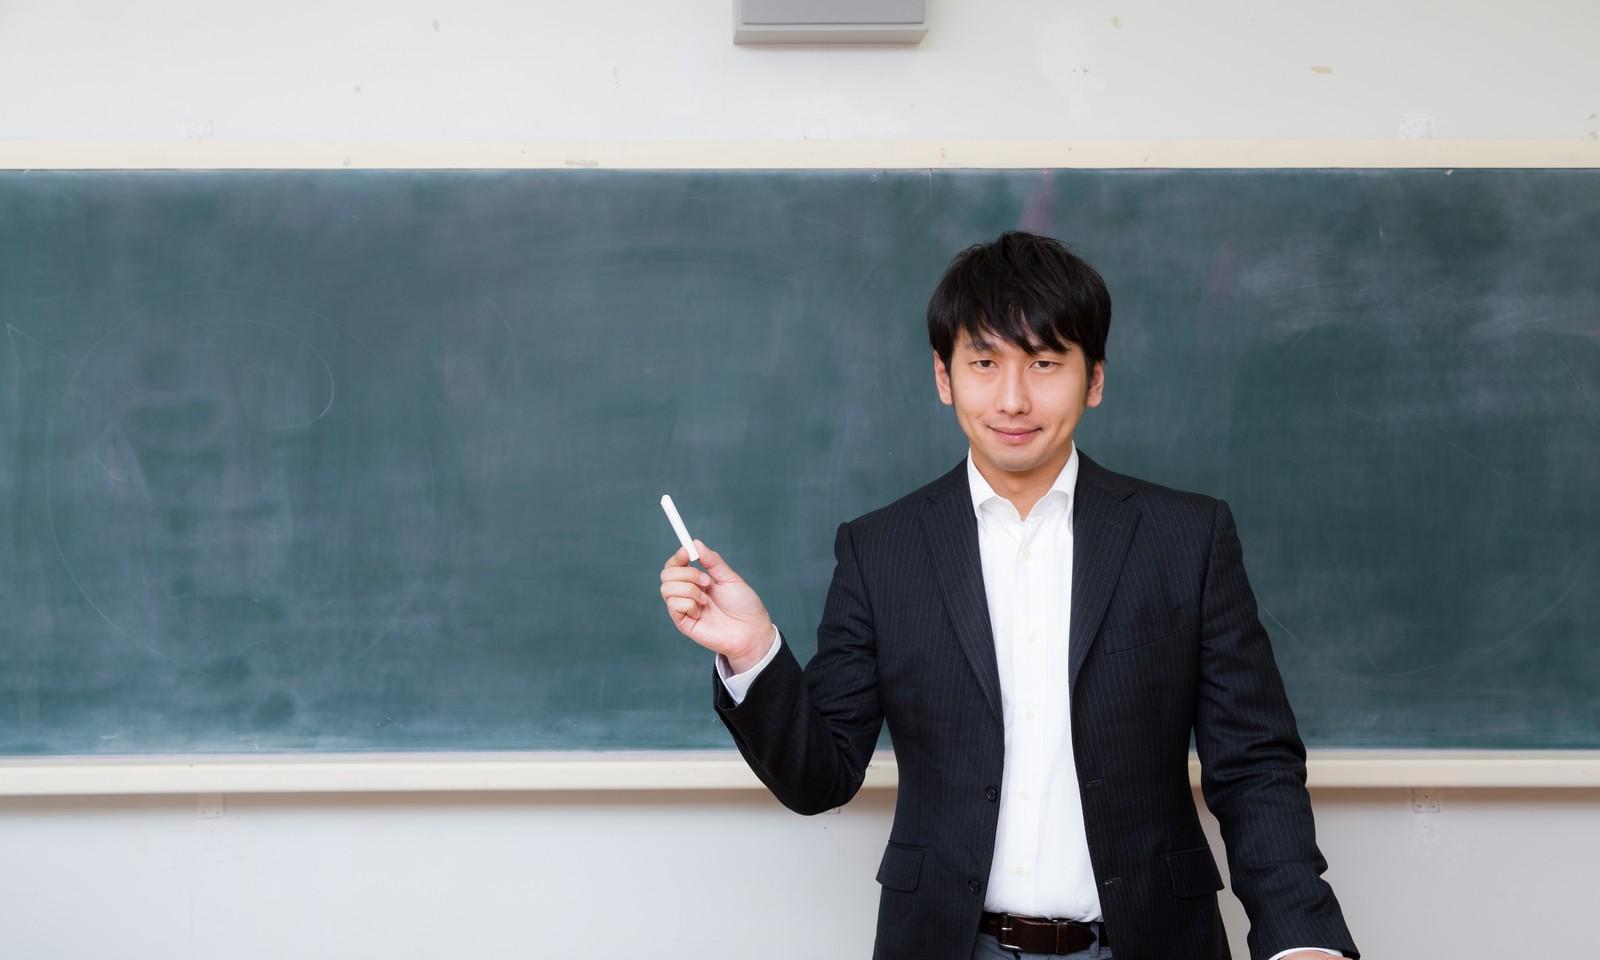 teacher-blackboad